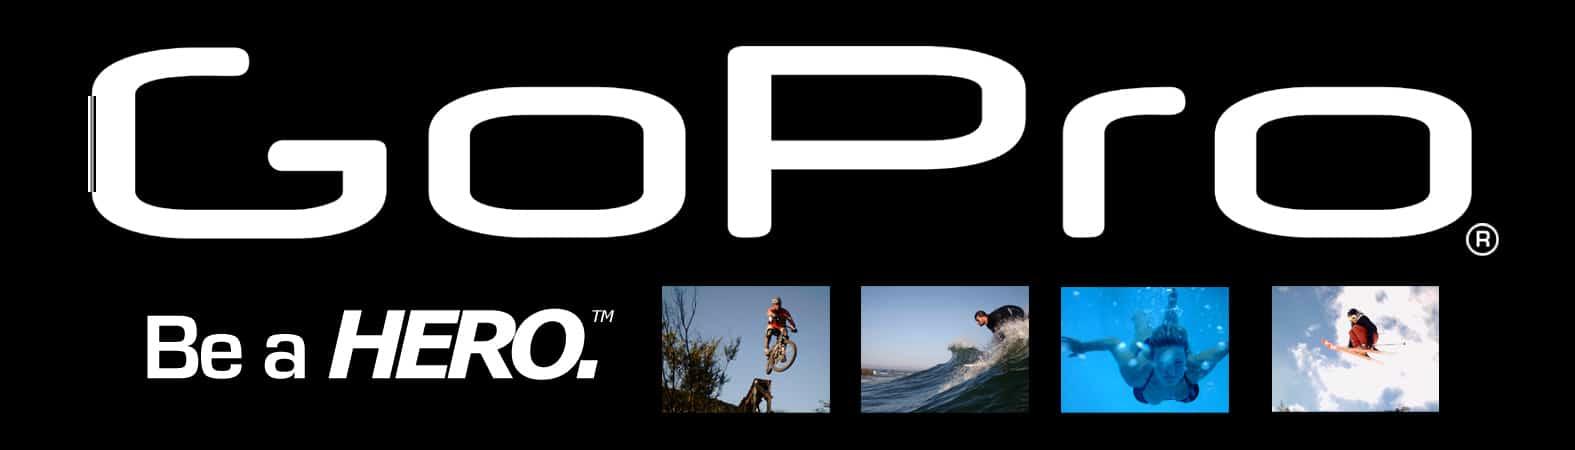 Old-Skullz-Skateboard-Logo-GoPro